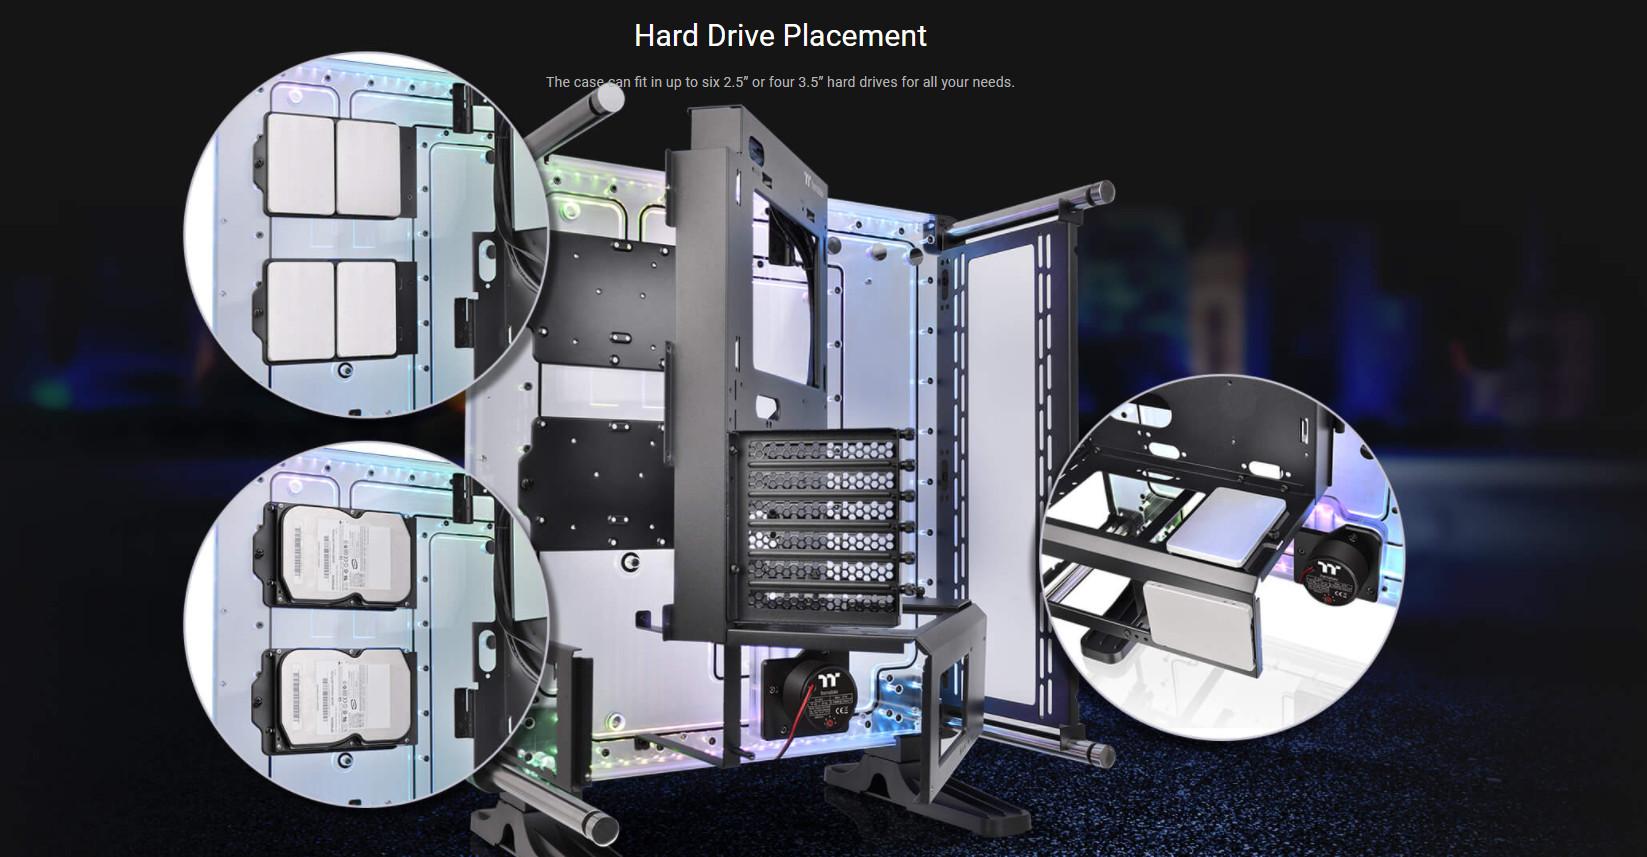 Vỏ Case Thermaltake DistroCase 350P Mid Tower Chassis có khả năng hỗ trợ ổ cứng đa dạng